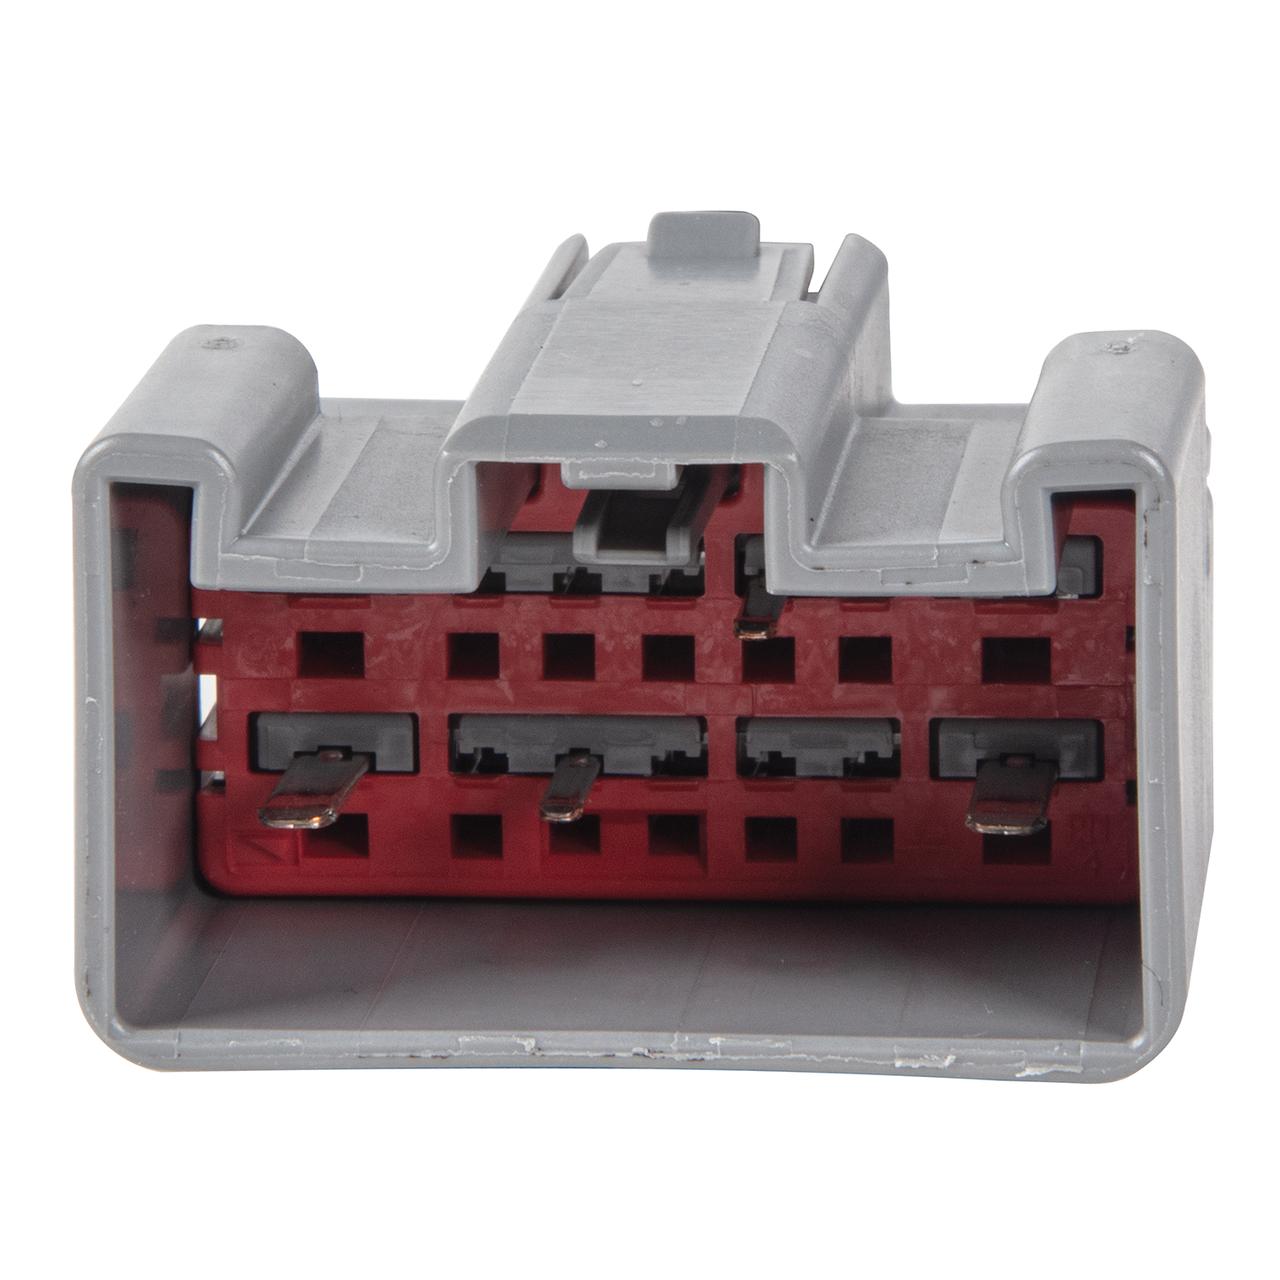 3077 --- Tekonsha Brake Control Dual Plug Wiring Harness - Ford